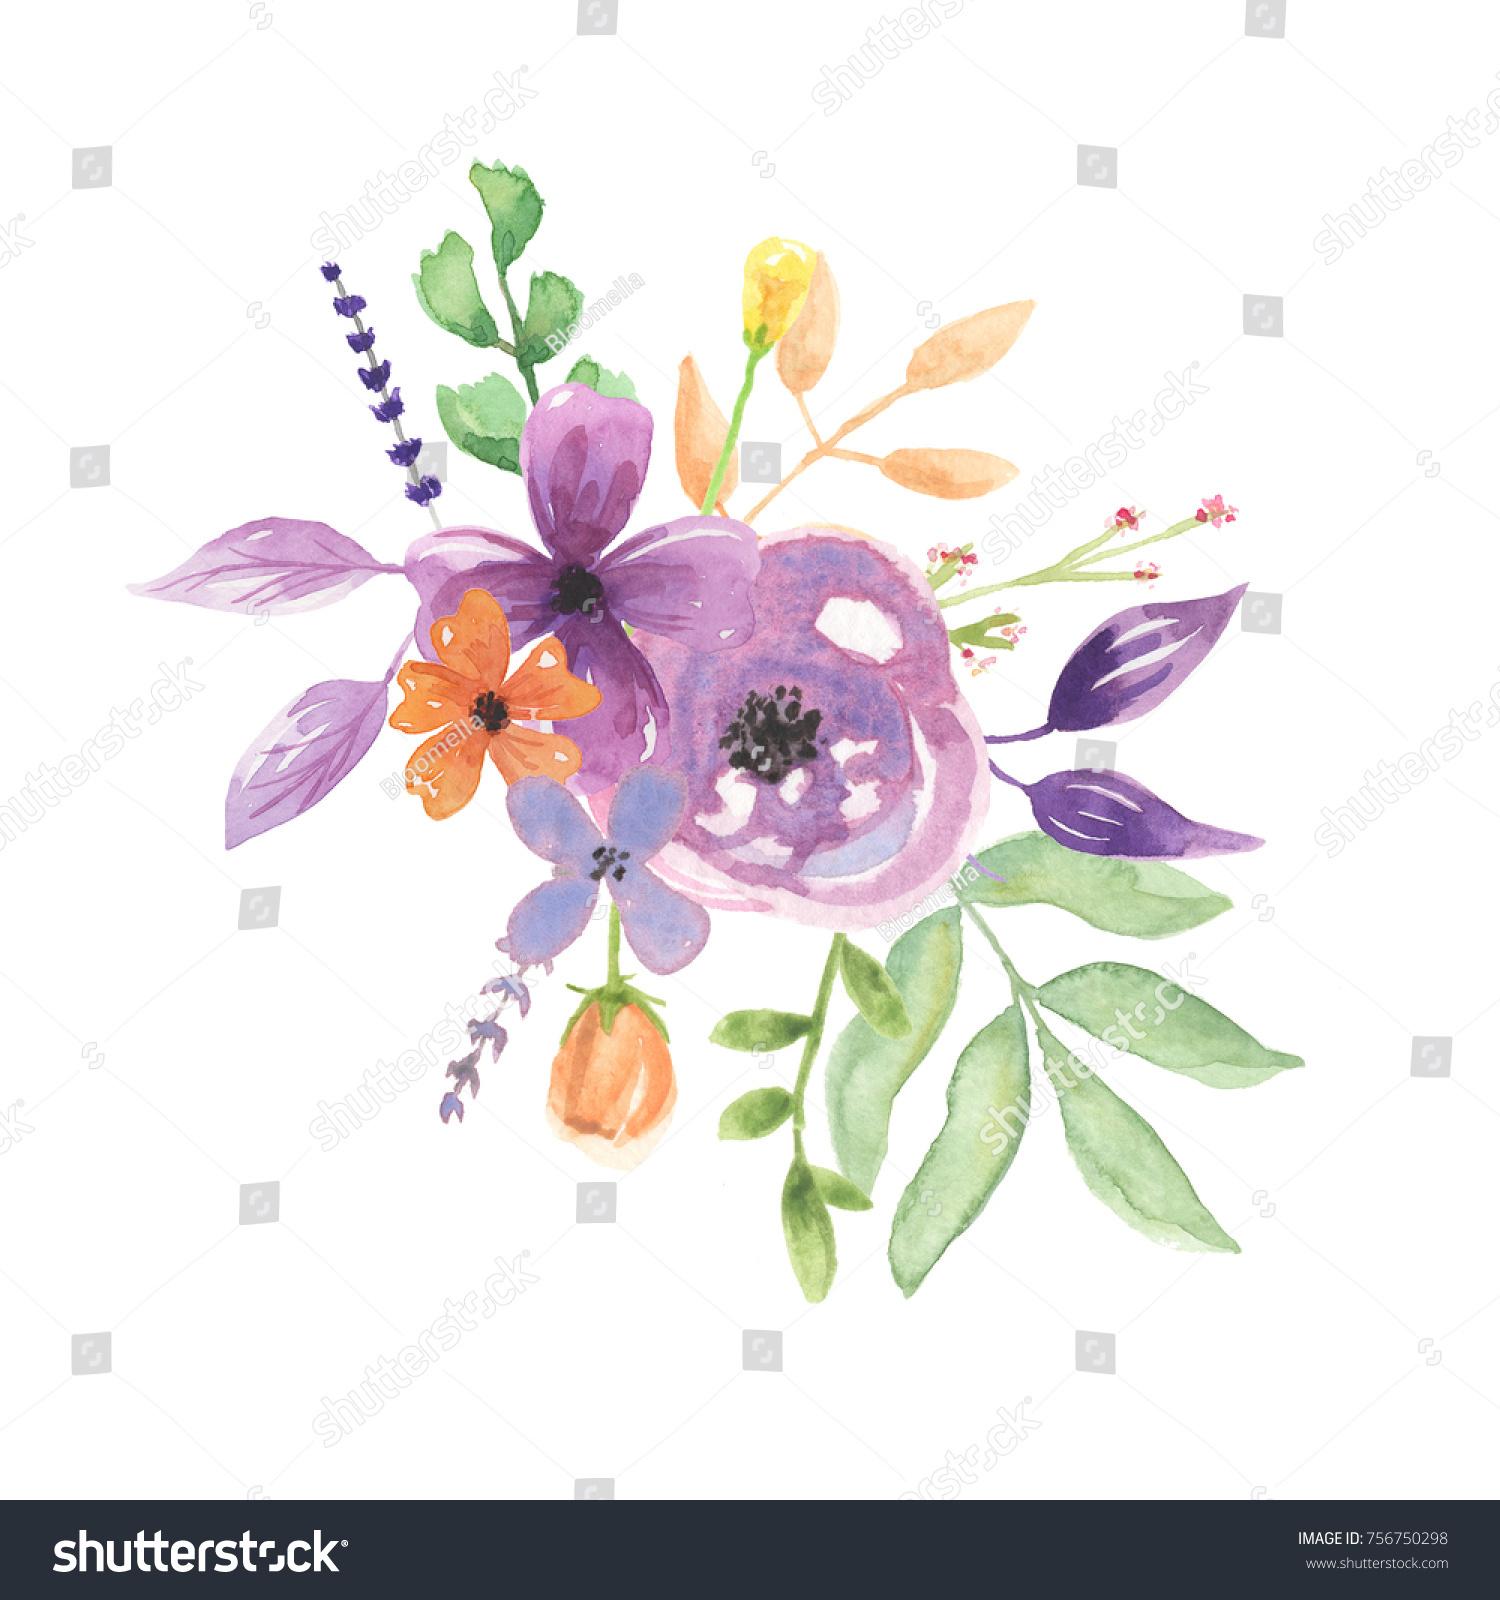 Watercolor Lavender Flower Bouquet Painted Arrangement Stock ...